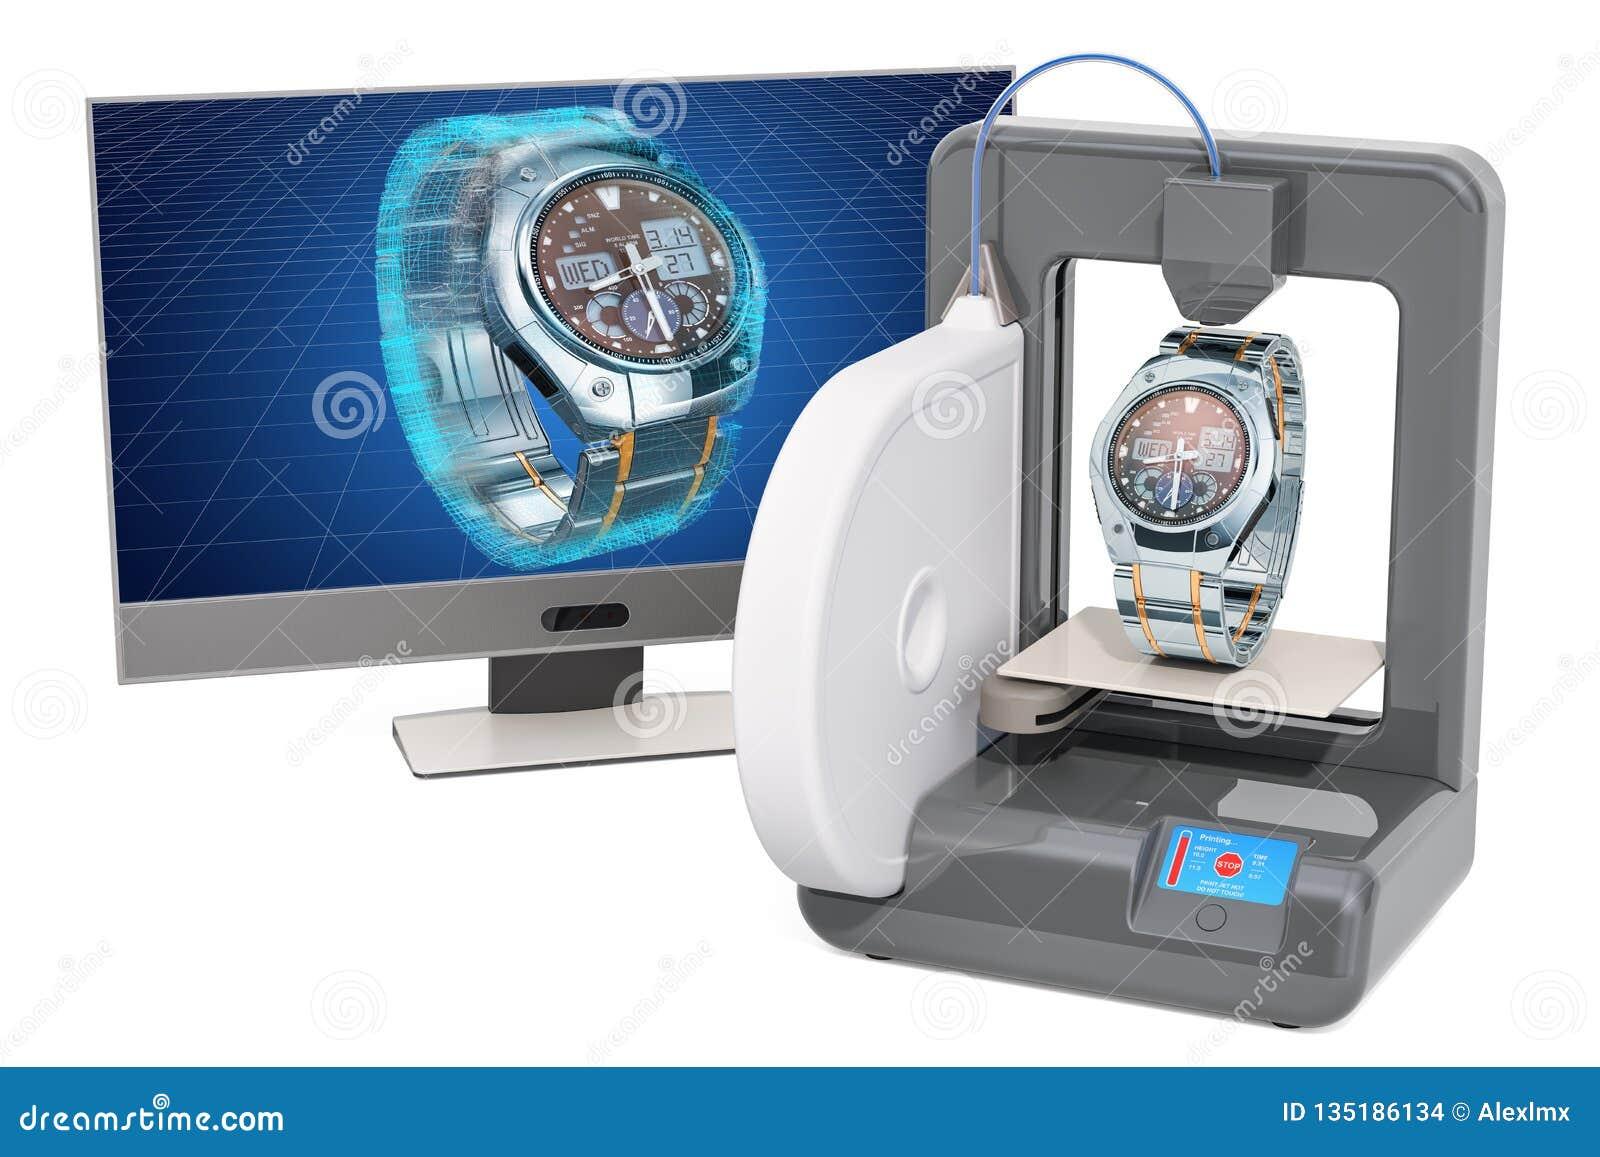 Непрерывнодискретные наручные часы для людей на трехмерном принтере, 3d печатании, перевод 3D